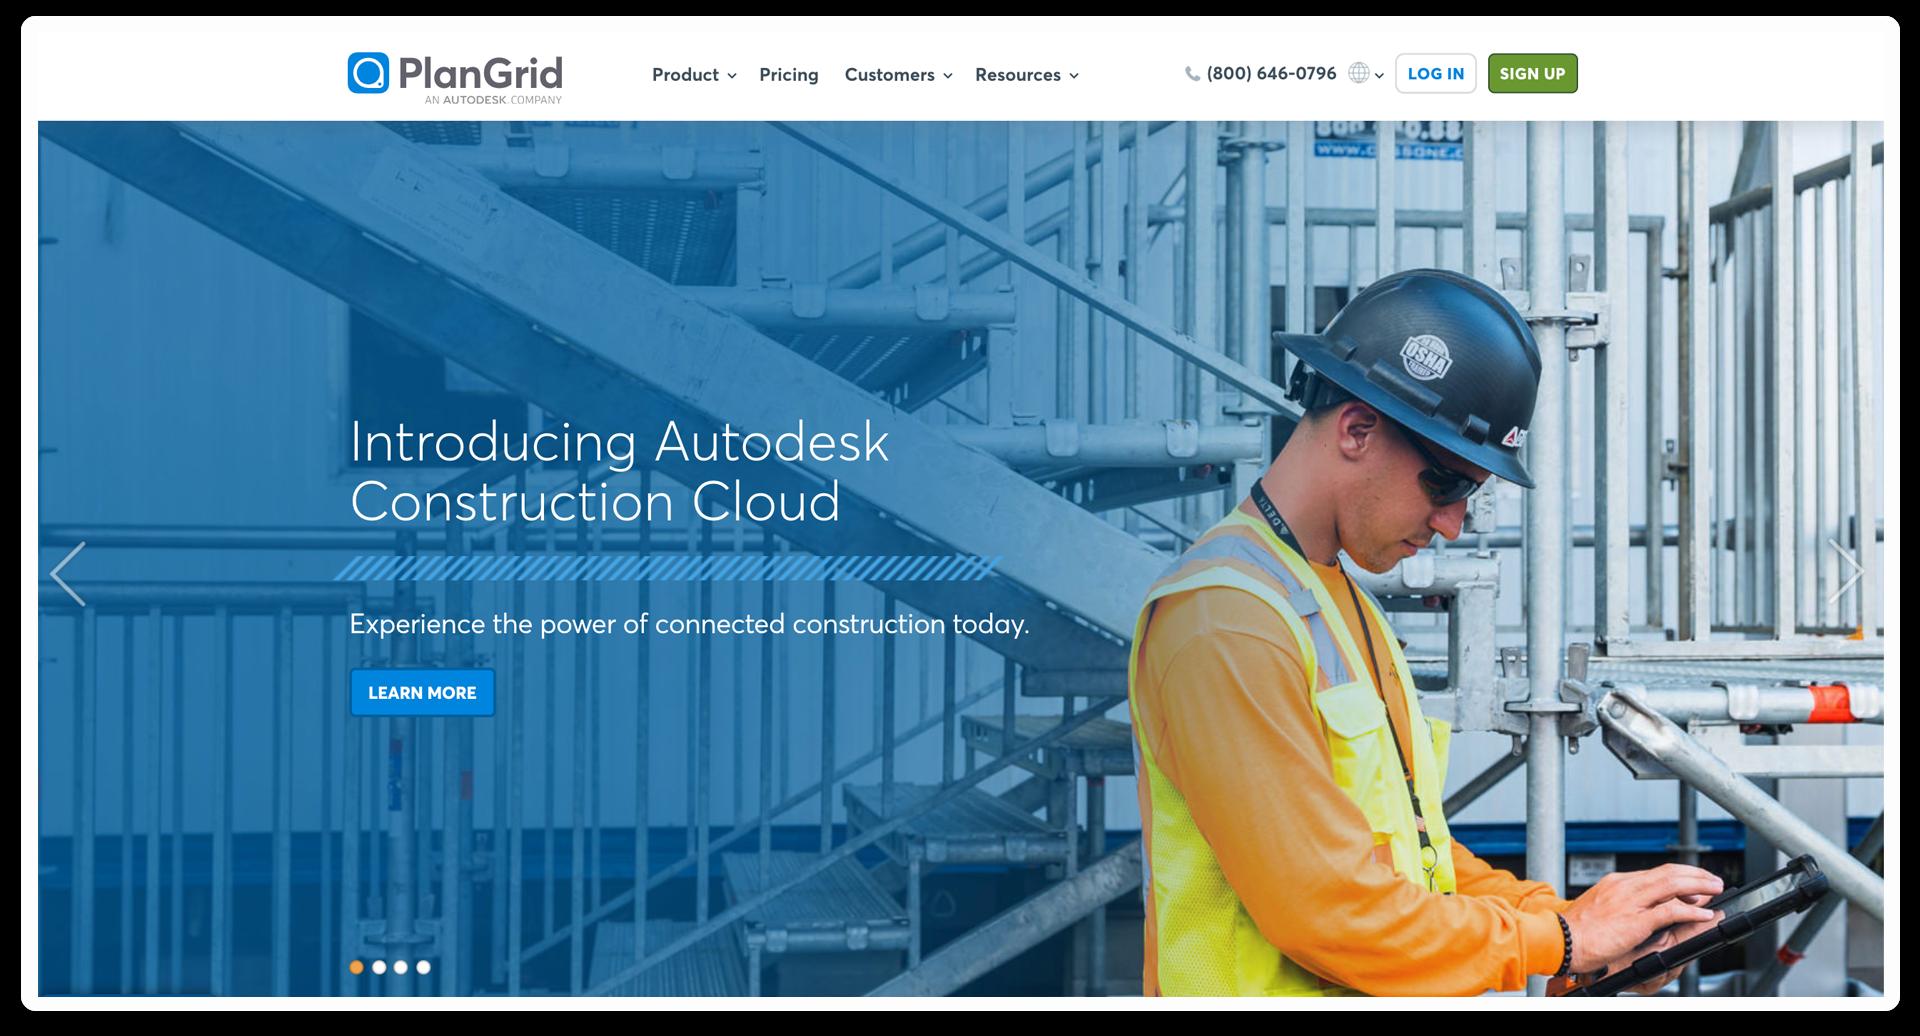 A Plangrid webpage for Autodesk construction cloud.